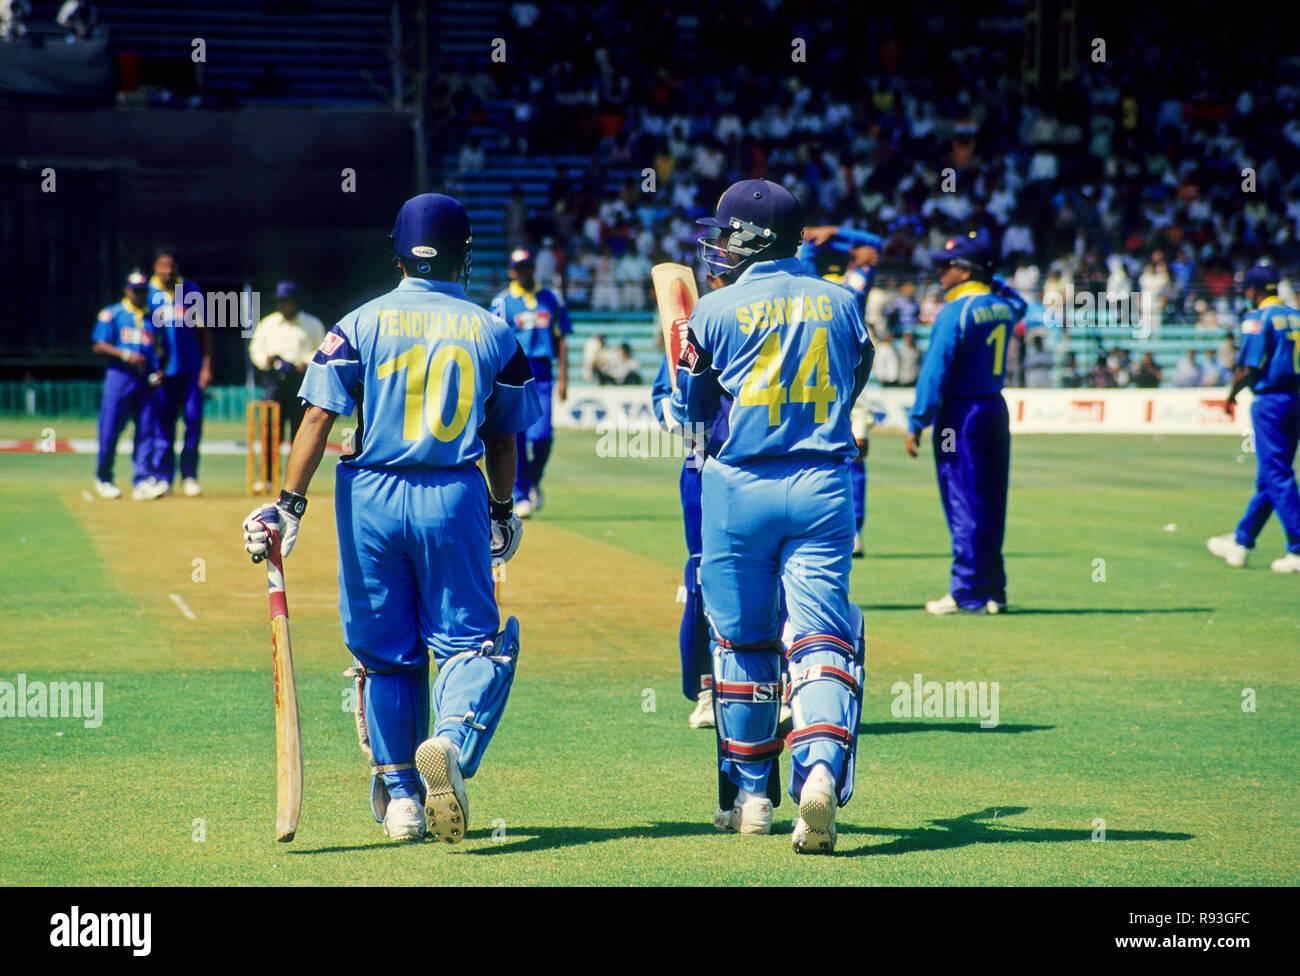 Joueurs de cricket indiens tendulkar et sehwag à marcher en direction de la hauteur, l'Inde, PAS DE MR Banque D'Images